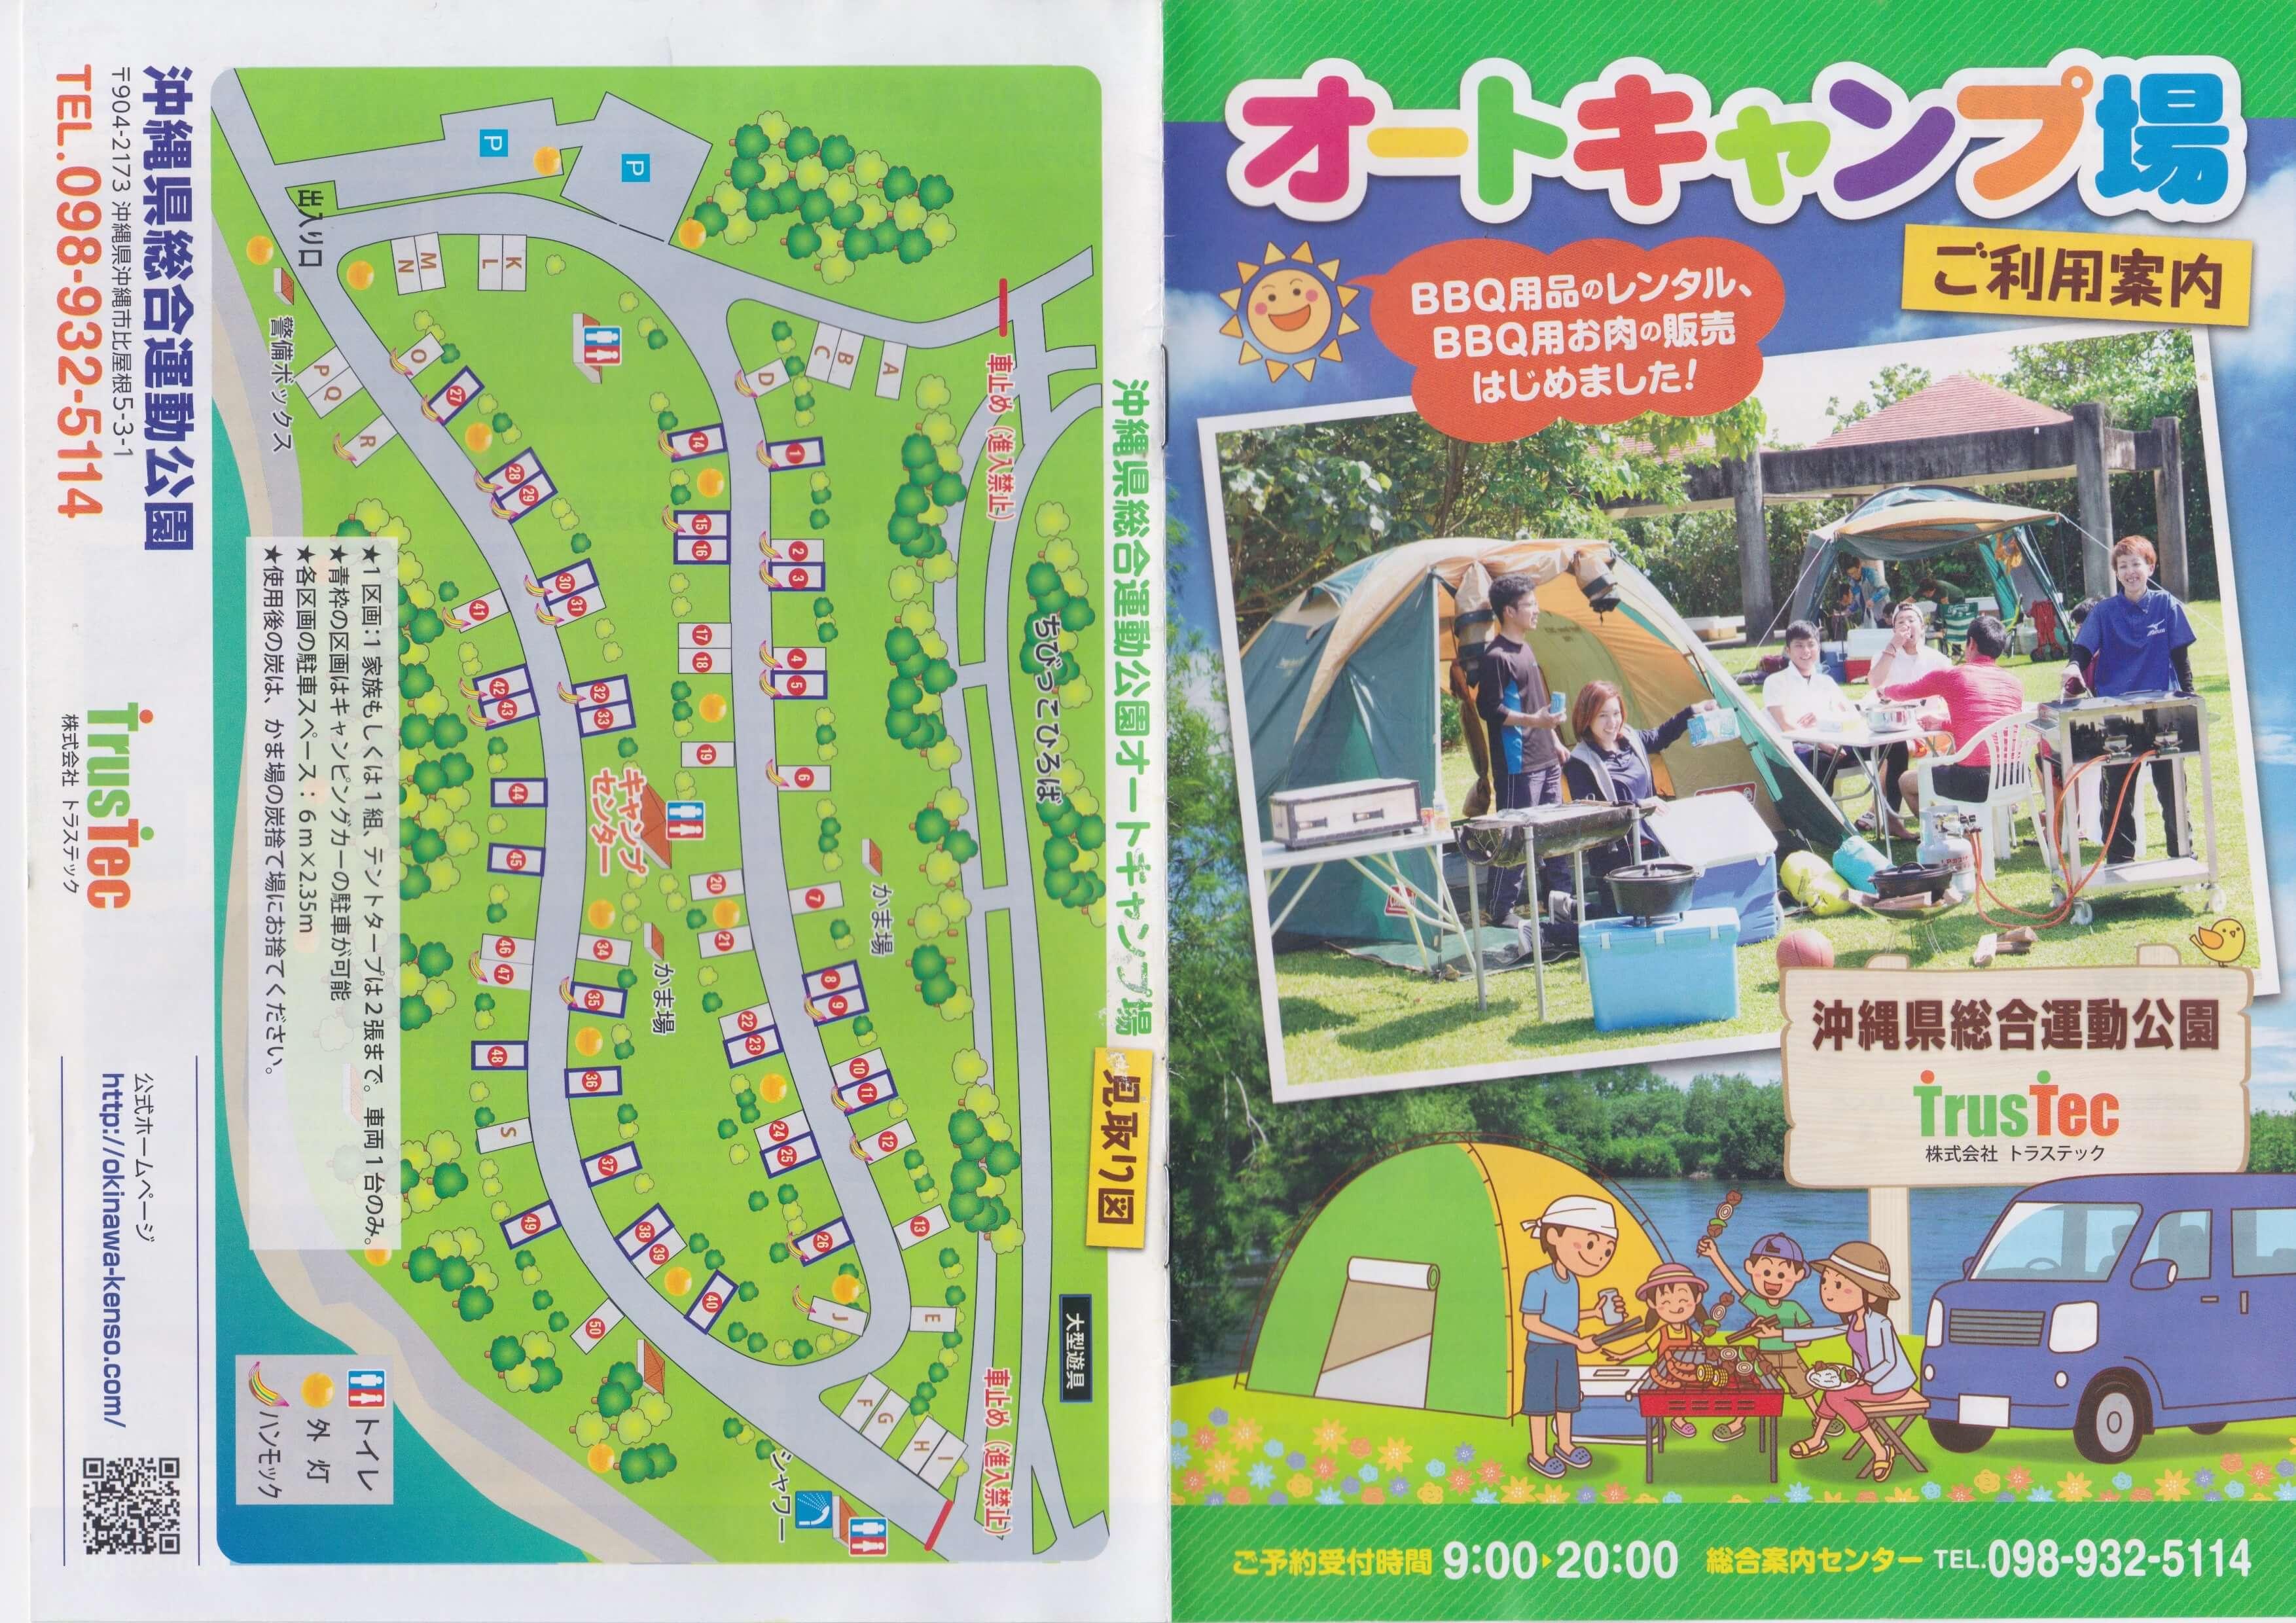 沖縄県総合運動公園 キャンプ場 パンフレット1